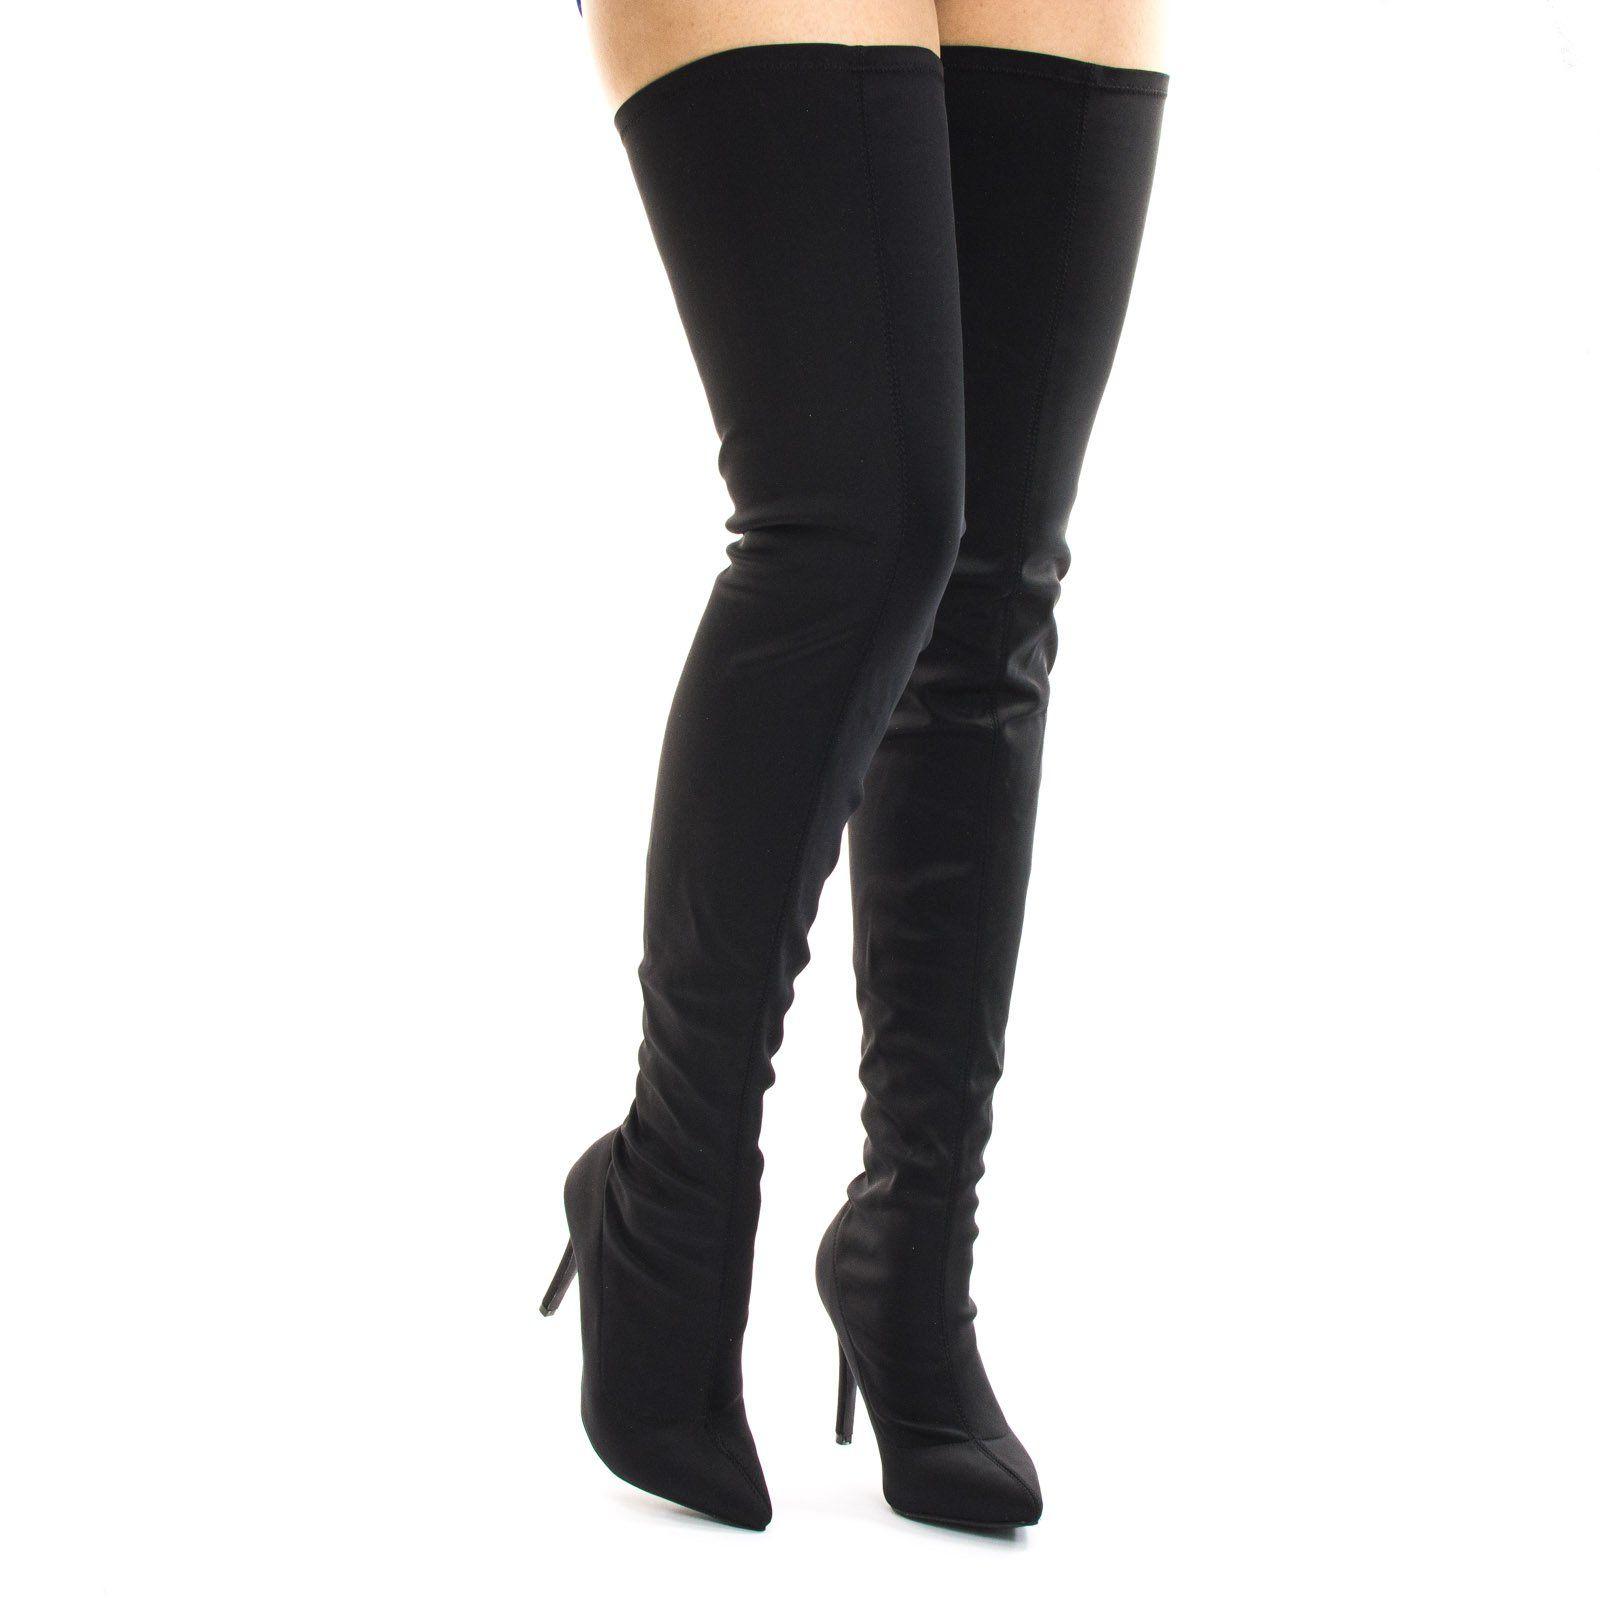 high boots dress, Thigh high boots